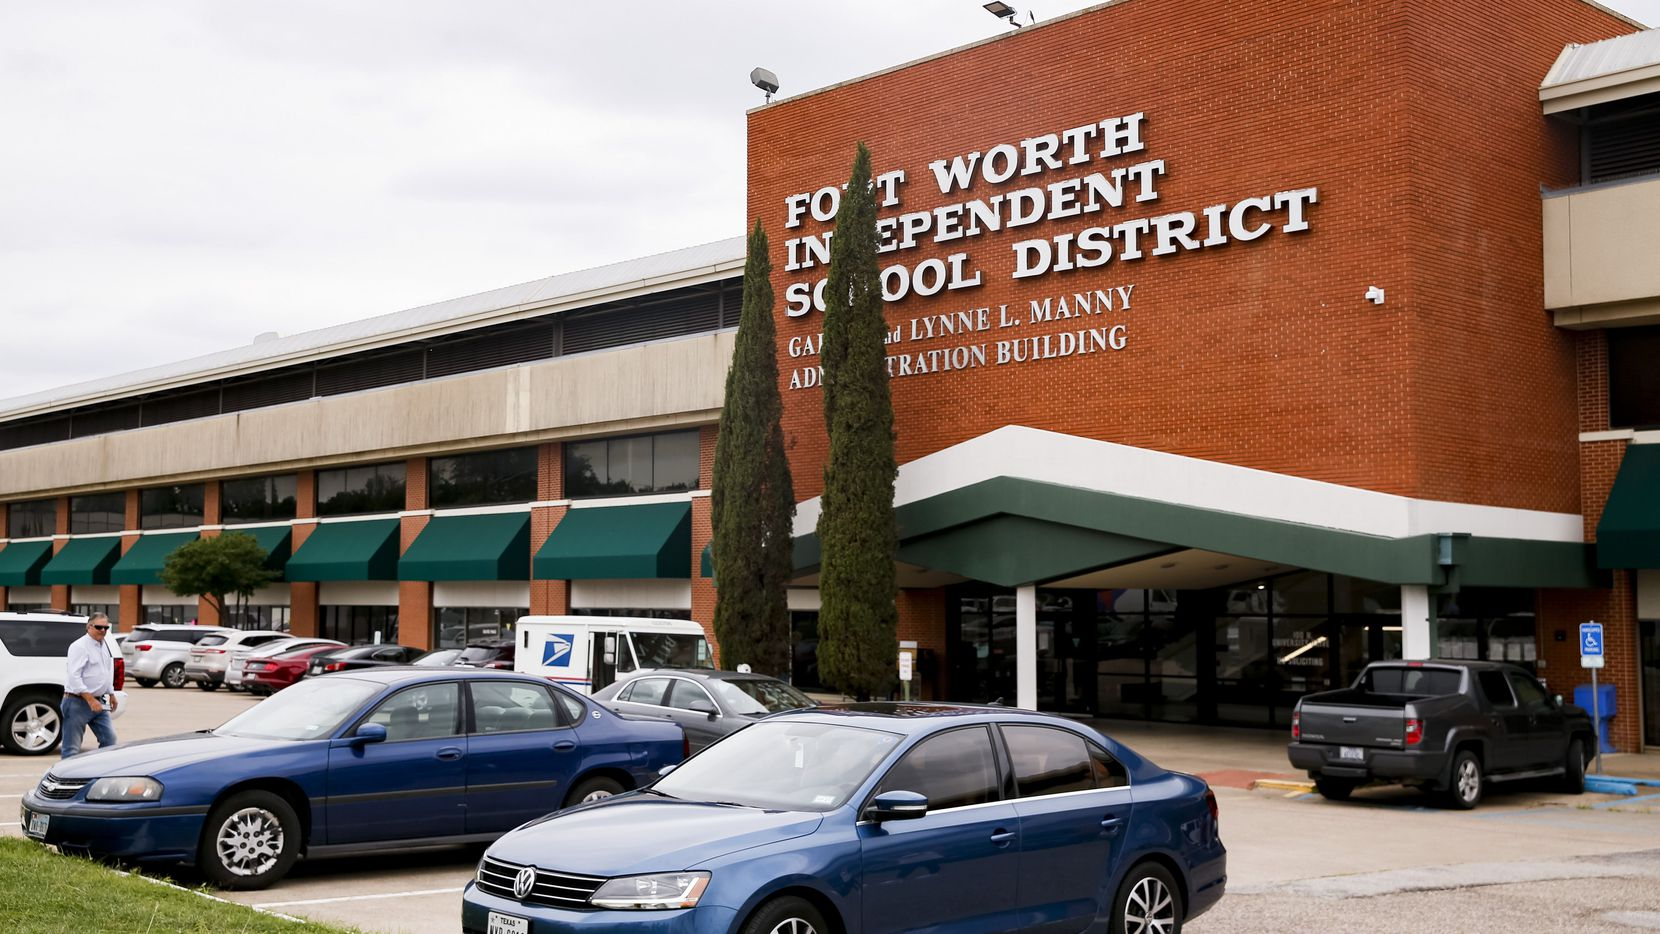 El distrito escolar independiente de Fort Worth ofrecerá clases durante 14 sábados para reforzar el aprendizaje académico y socioemocional de los estudiantes para el ciclo escolar 2021-2022.